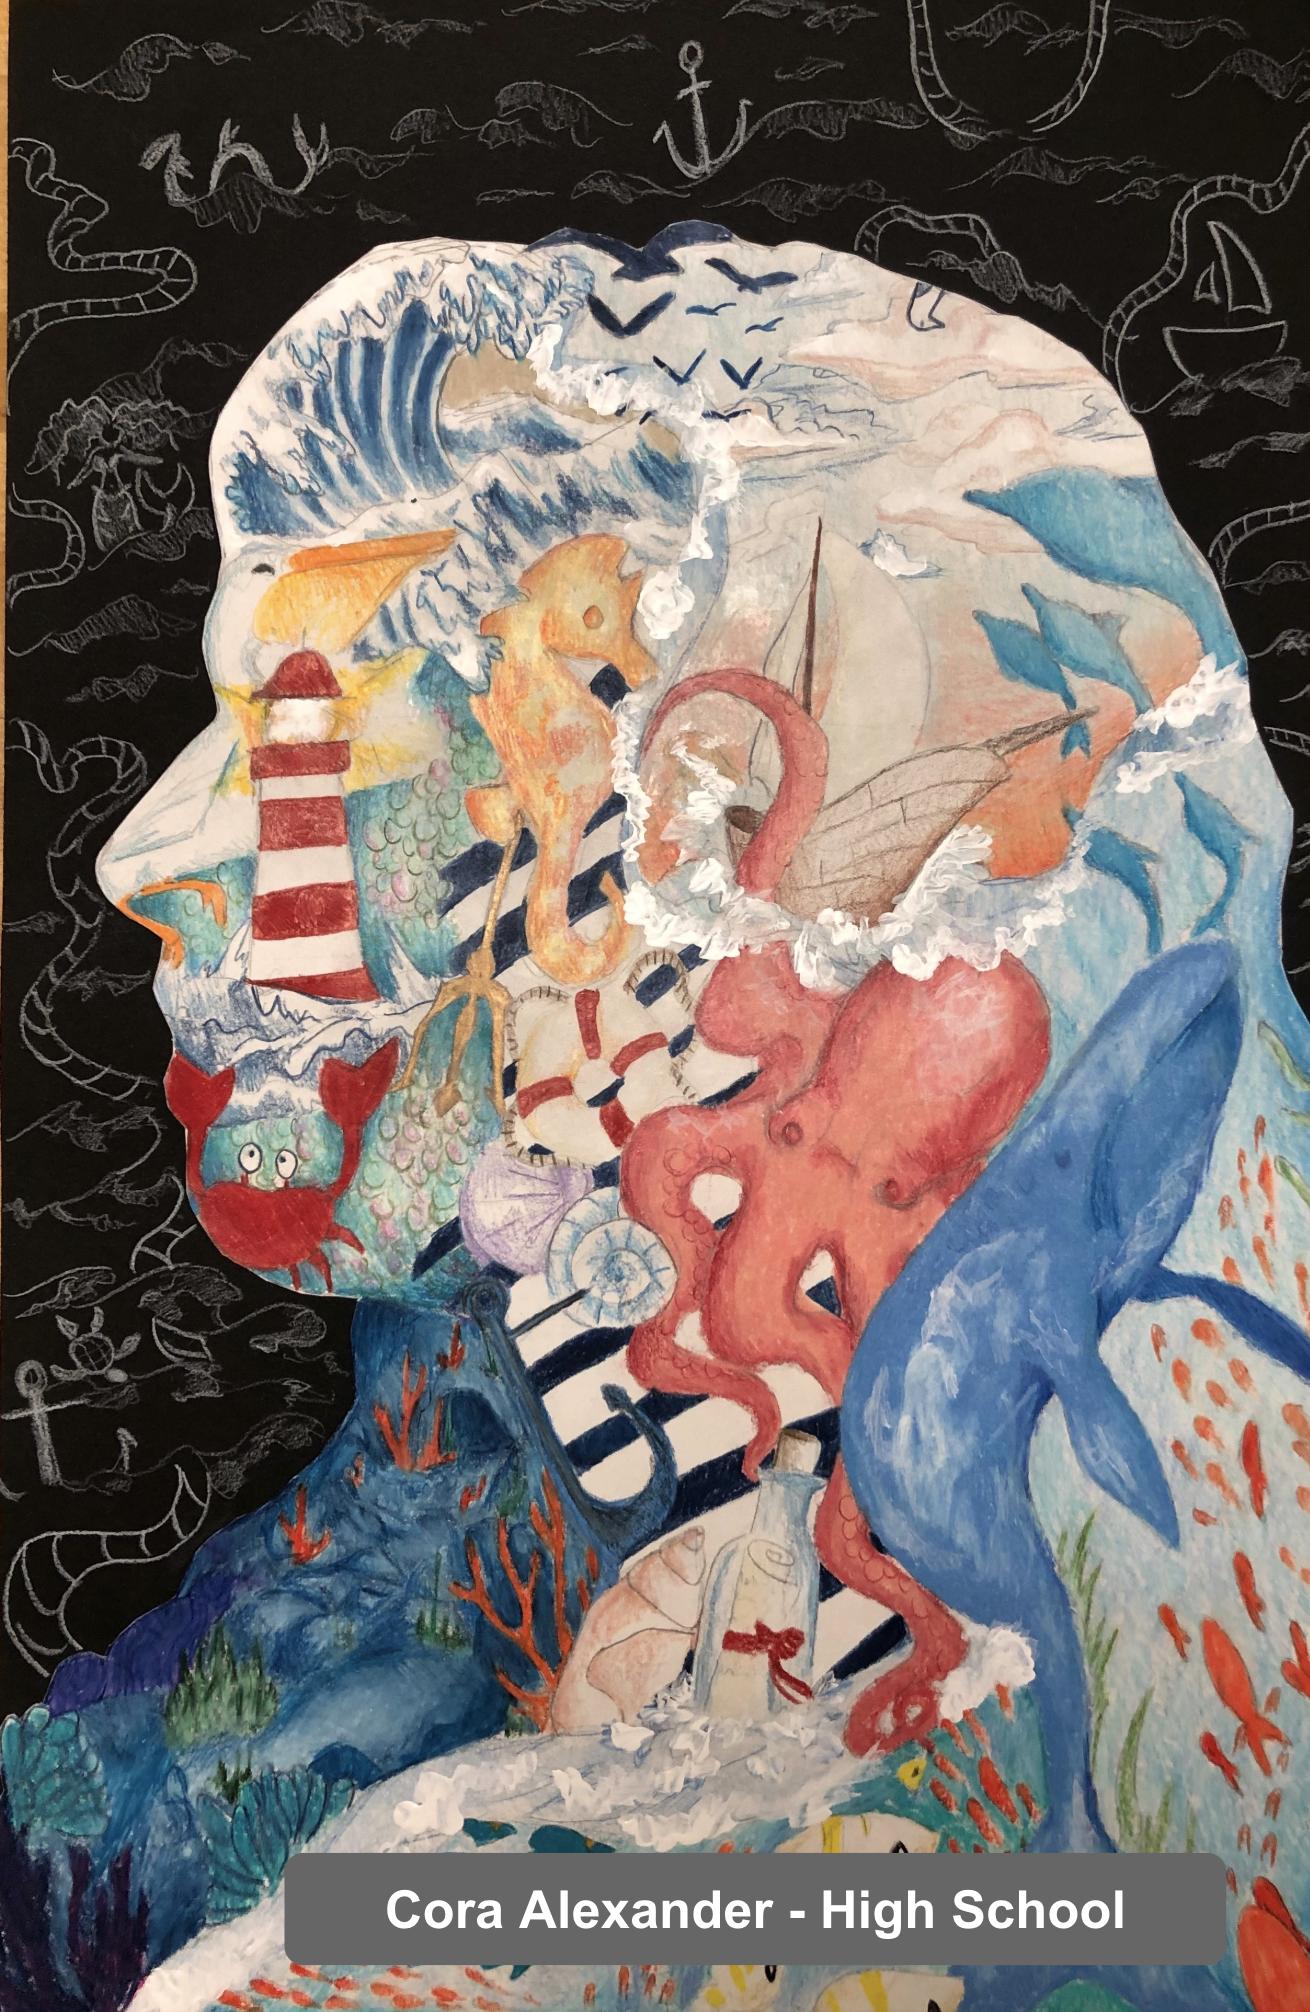 Cora Alexander - Art Project - High School